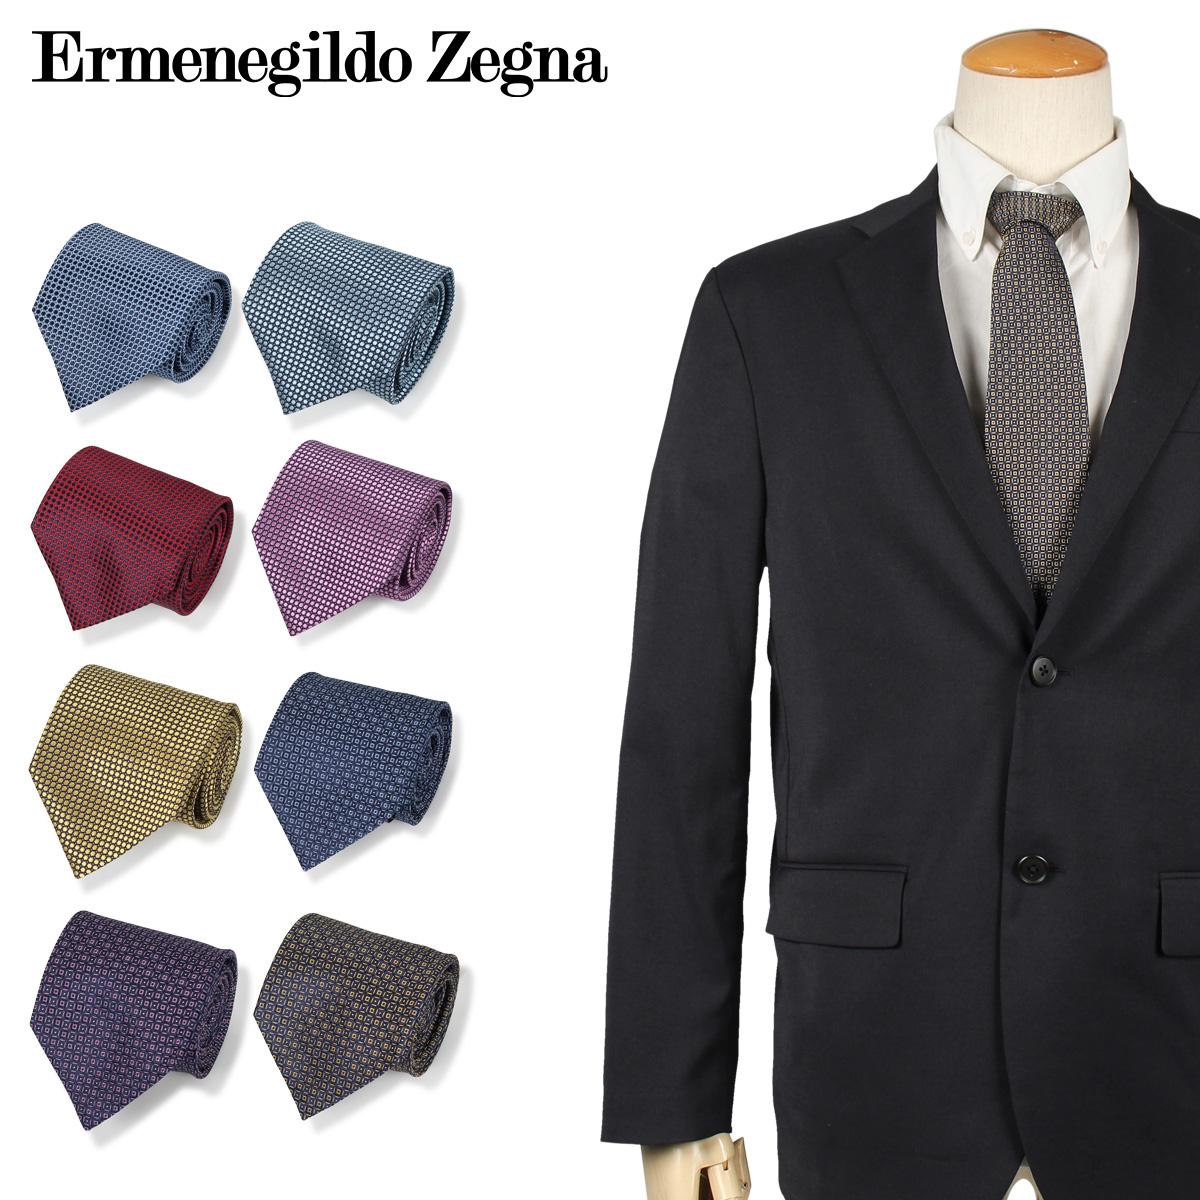 Ermenegildo Zegna エルメネジルドゼニア ネクタイ メンズ イタリア製 シルク ビジネス 結婚式 ワインレッド ブルー イエロー ピンク